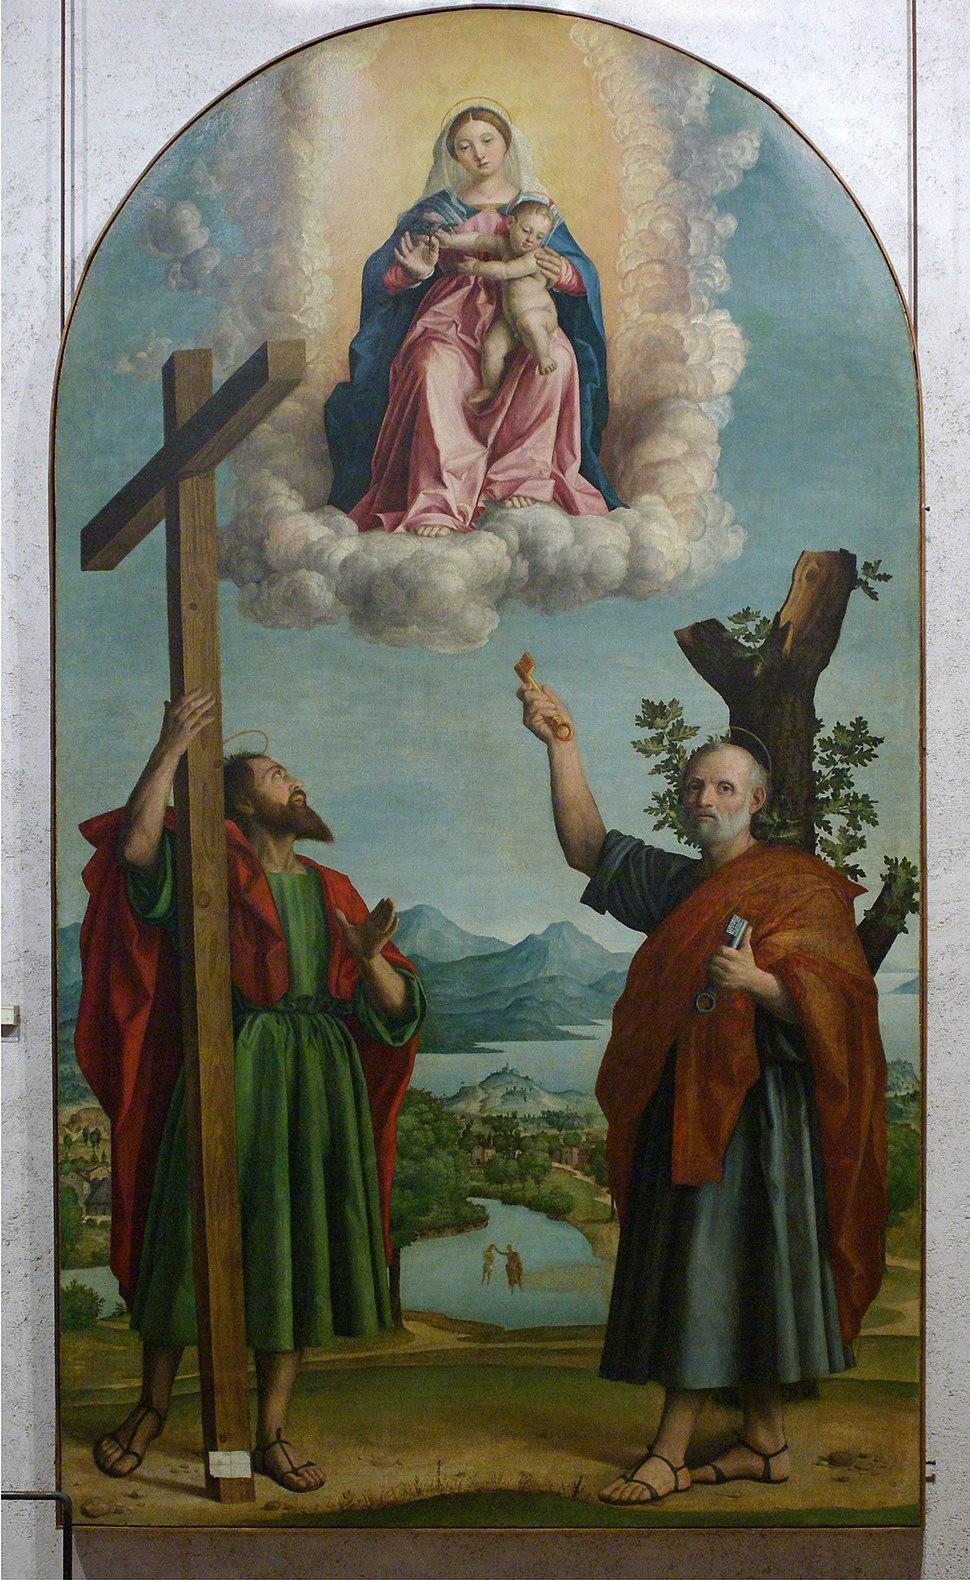 Girolamo Dai Libri - Madonna della quercia - 1533 after - Museo Castelvecchio, Verona (ITALY)